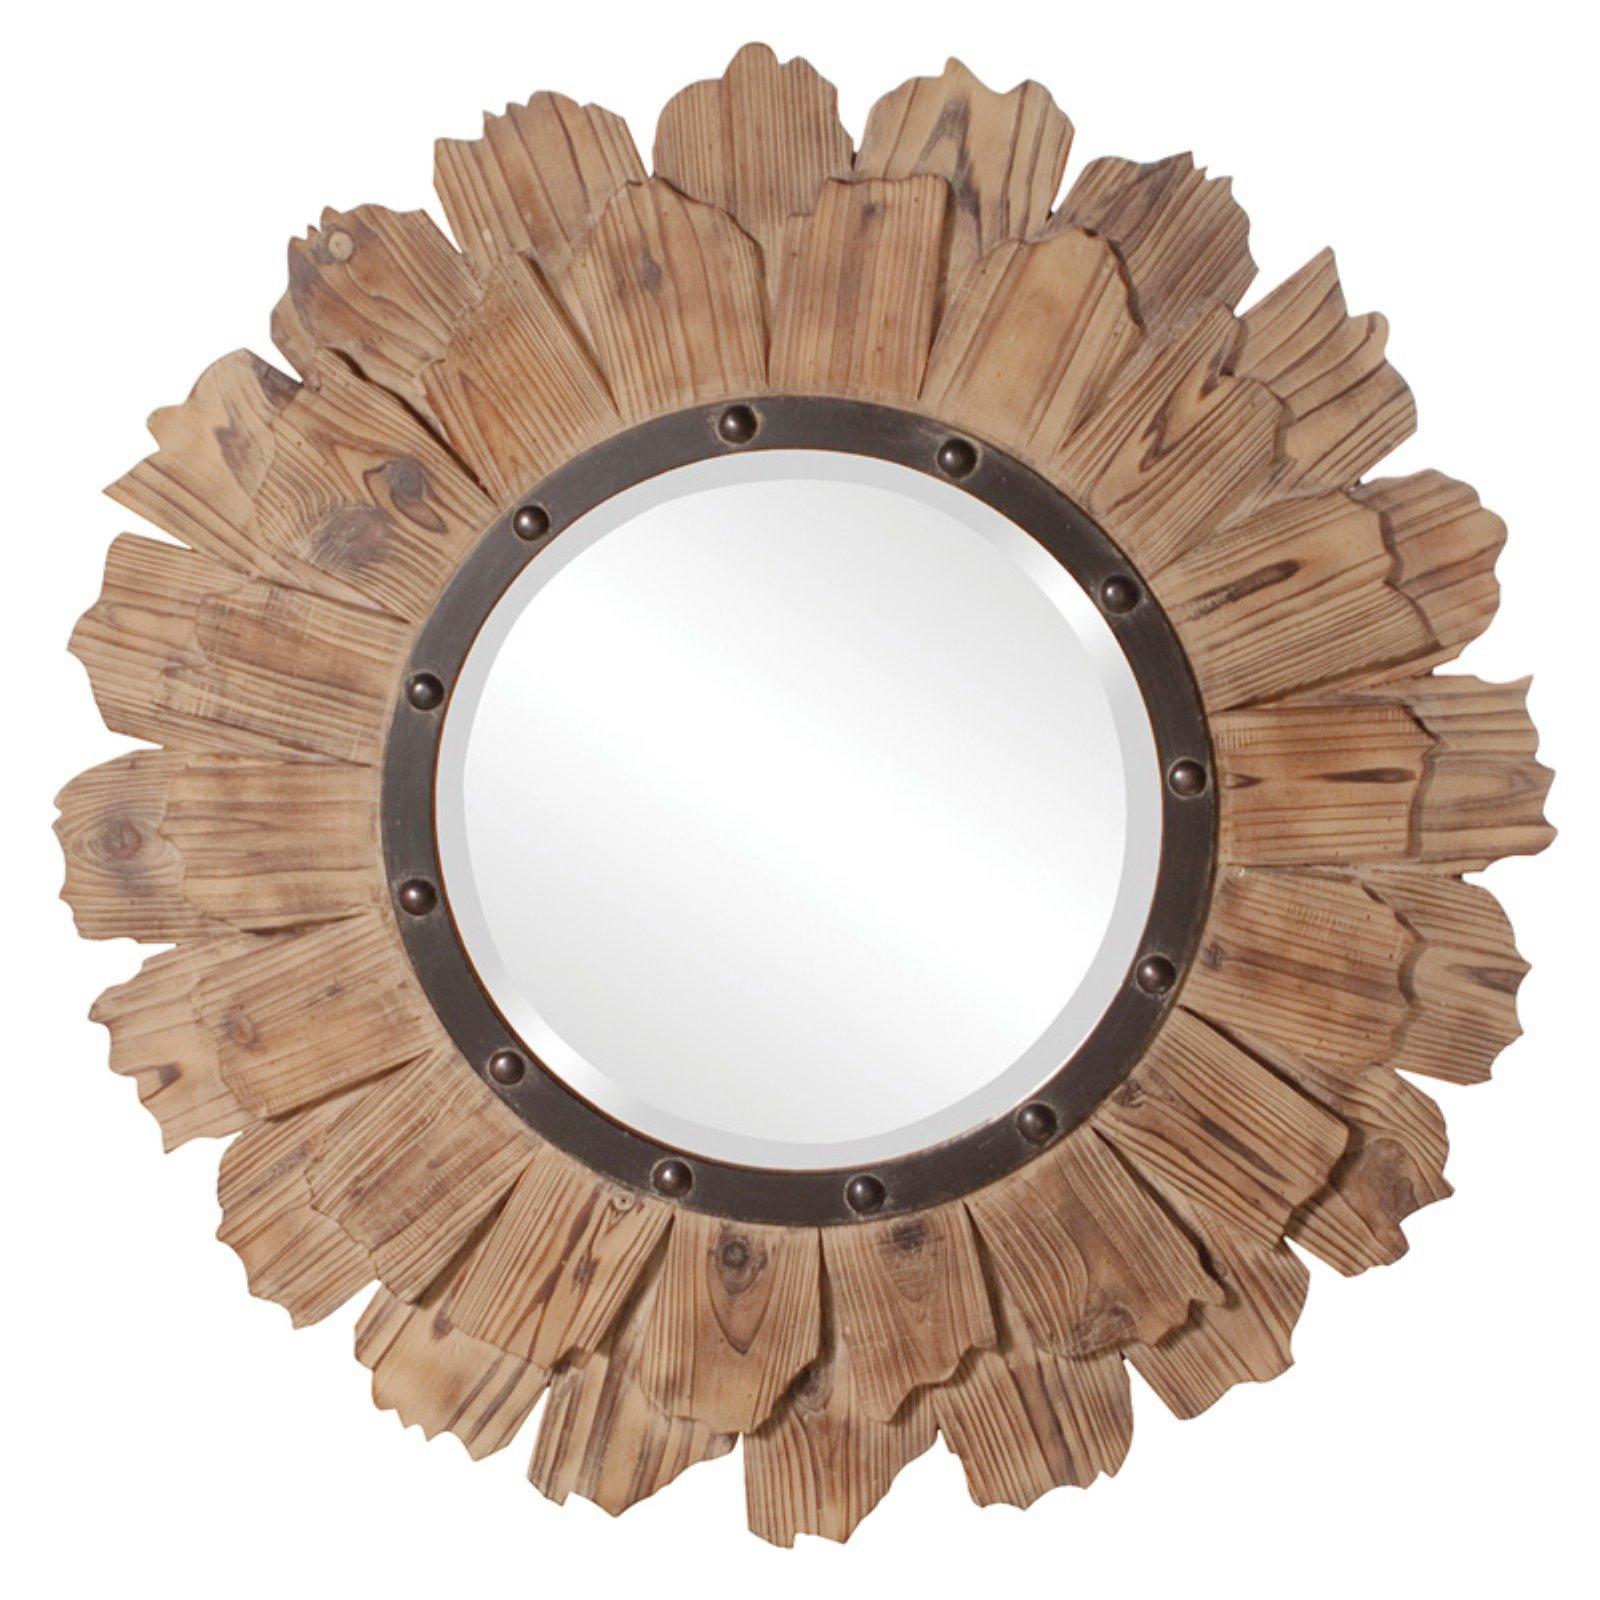 Elizabeth Austin Hawthorne Wall Mirror 35 Diam. In (View 10 of 20)